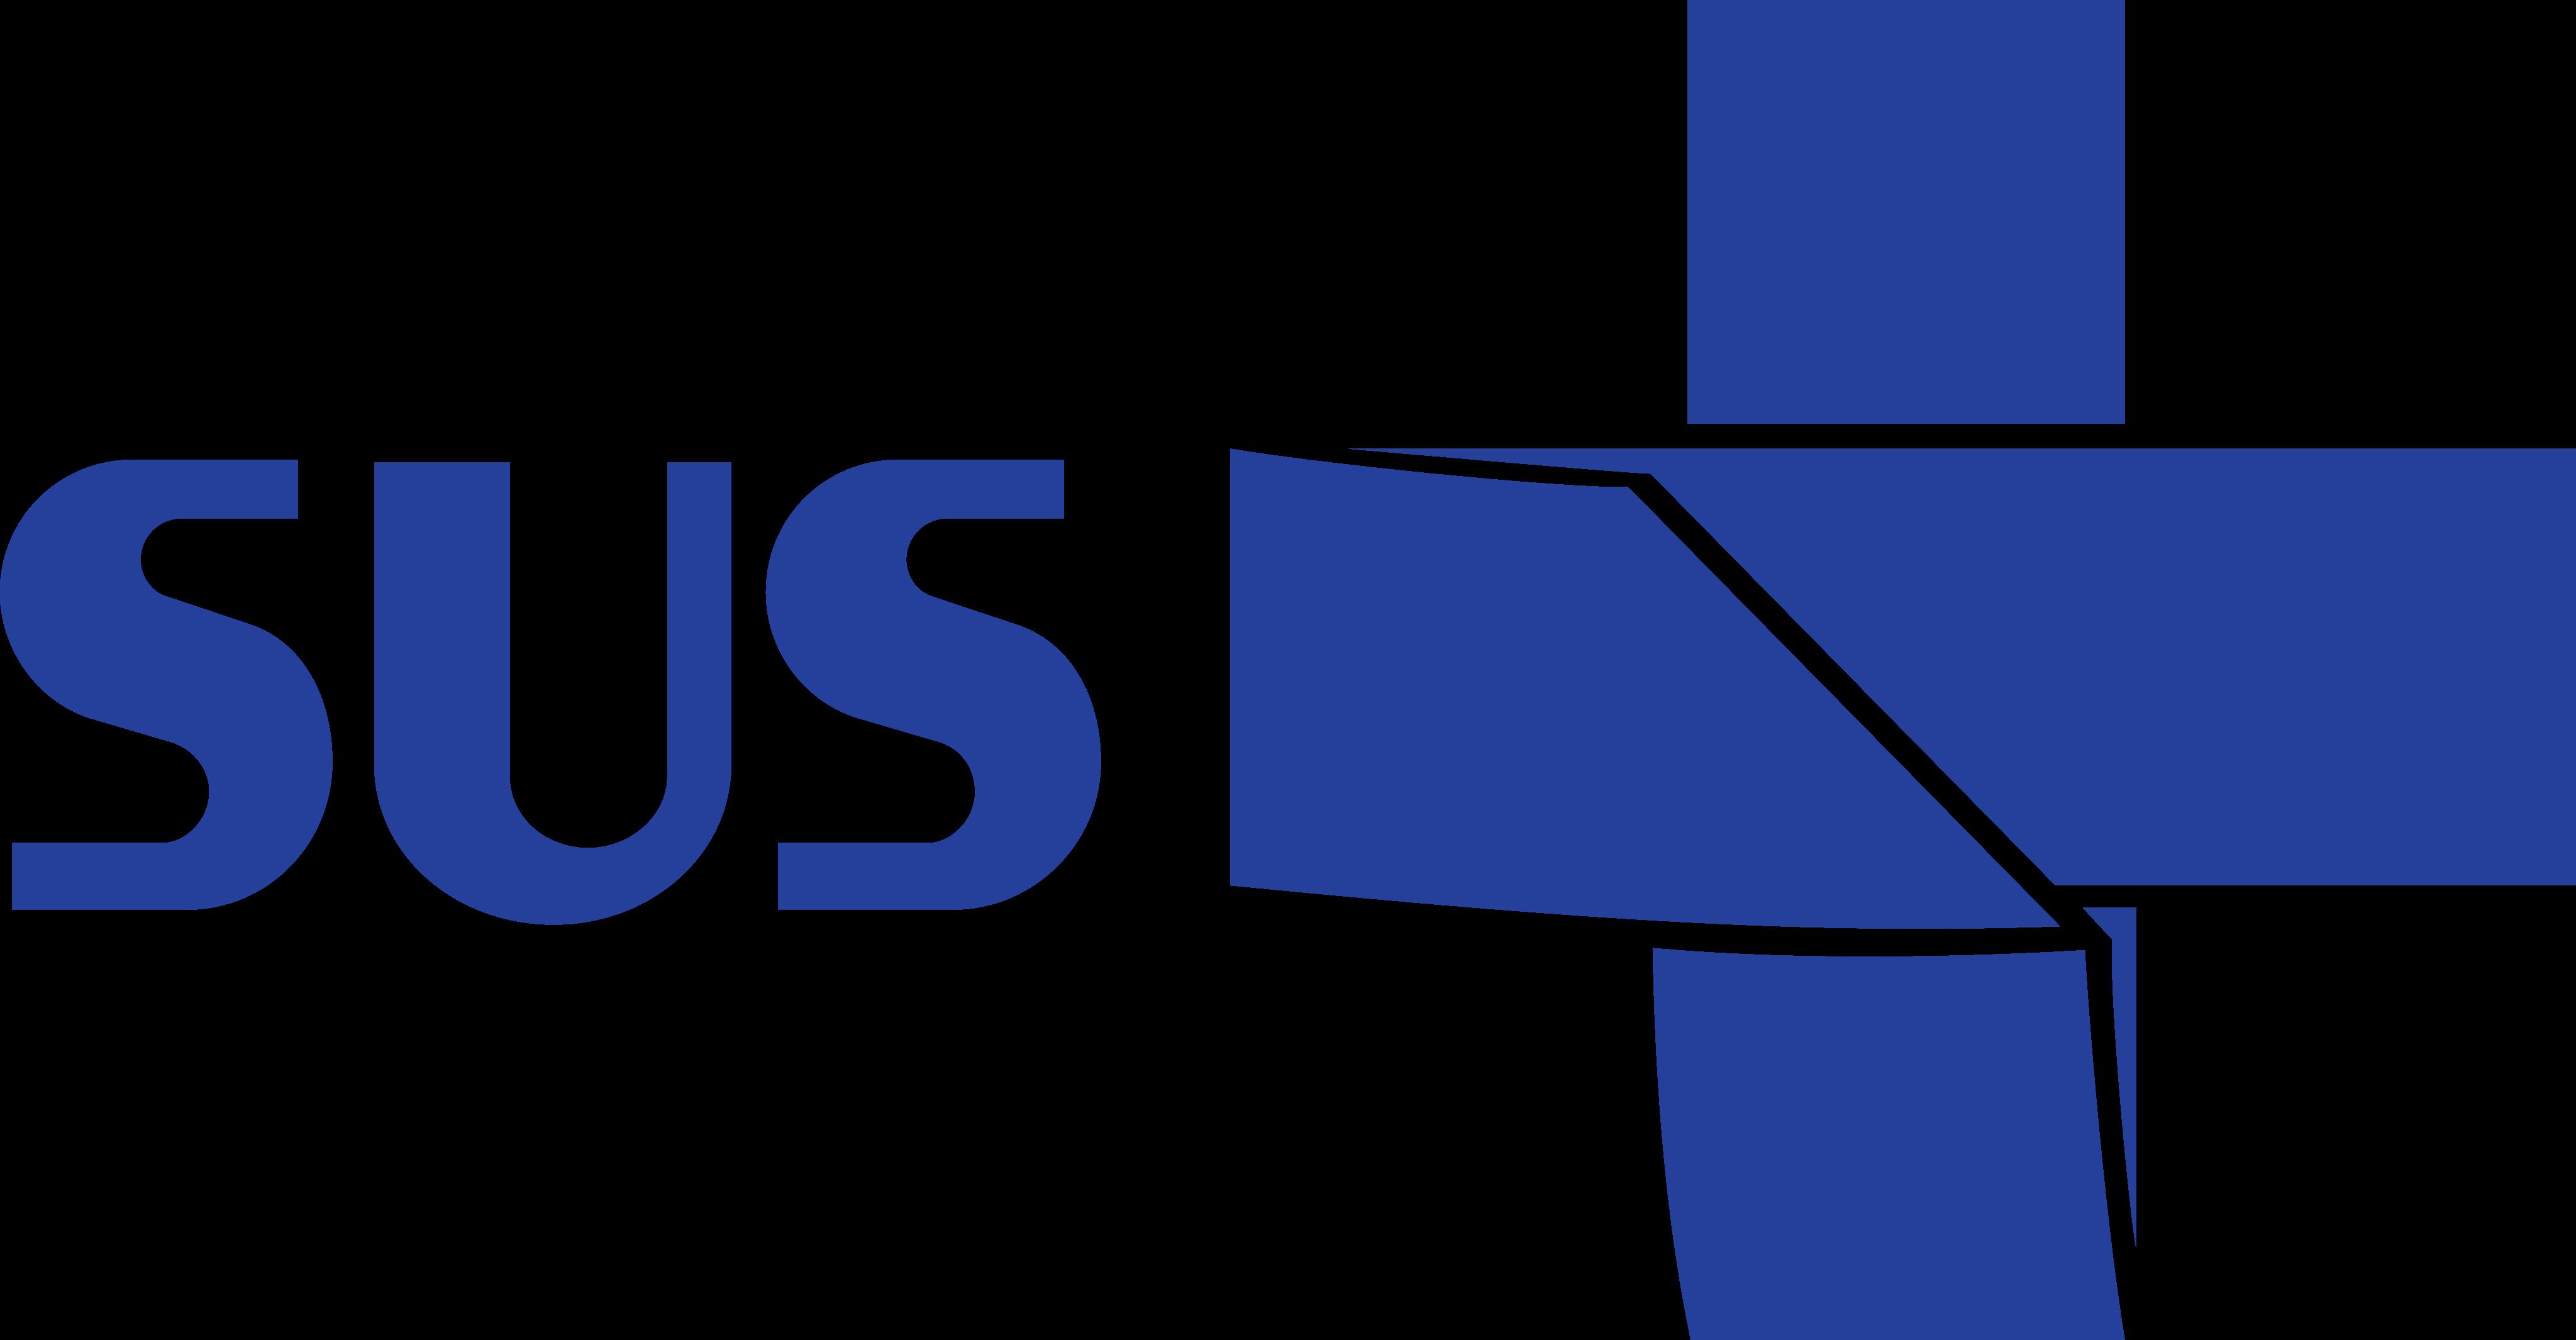 sus logo 1 1 - SUS Logo - Sistema Único de Saúde Logo